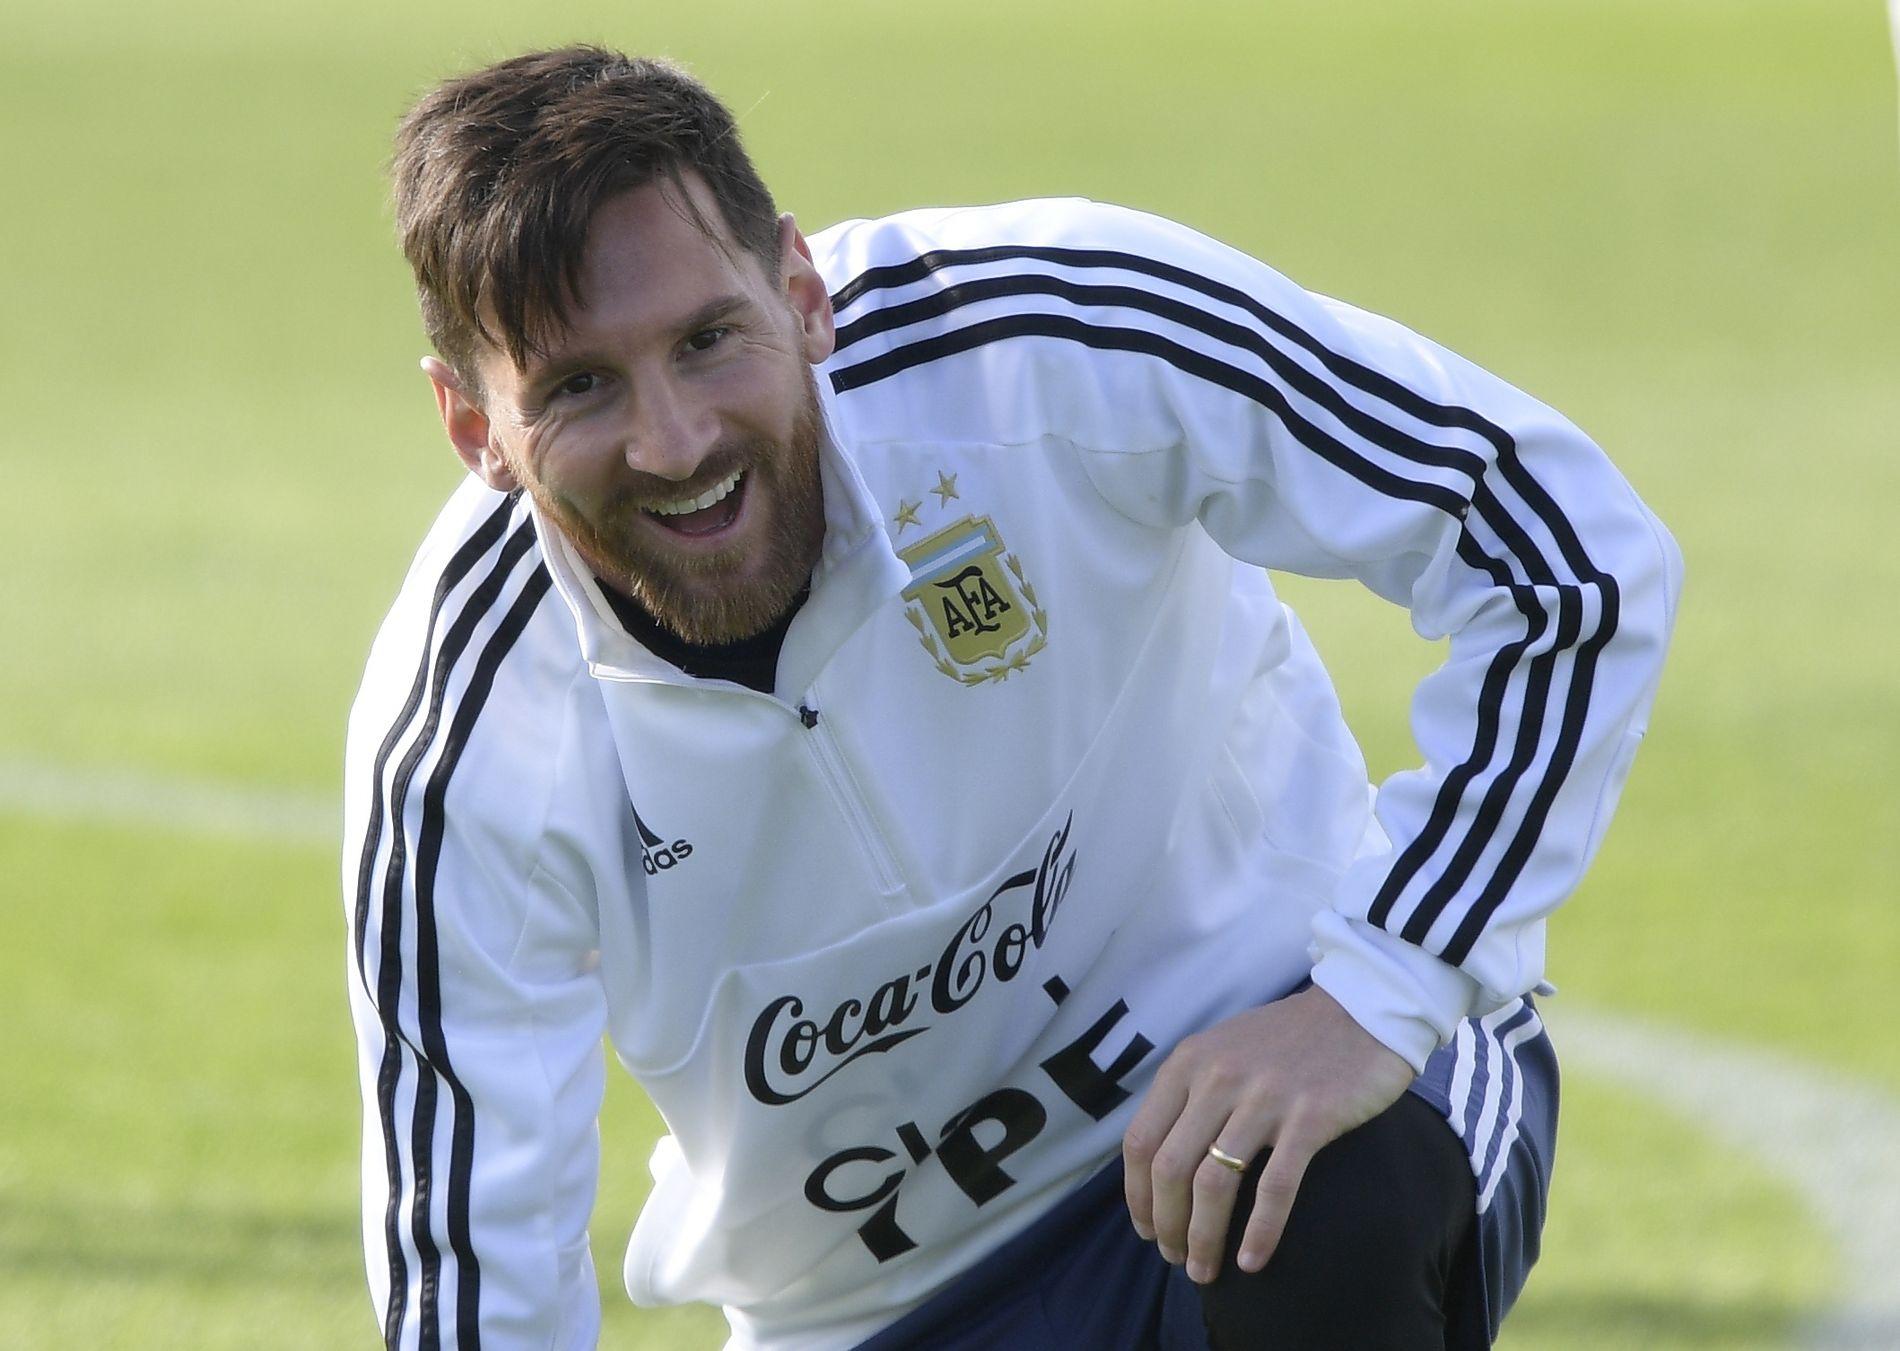 MÅ VÆRE HOT MOT ISLAND: Lionel Messi, her på trening på russisk jord i forkant av kampen mot Island, er under stort press om å prestere.